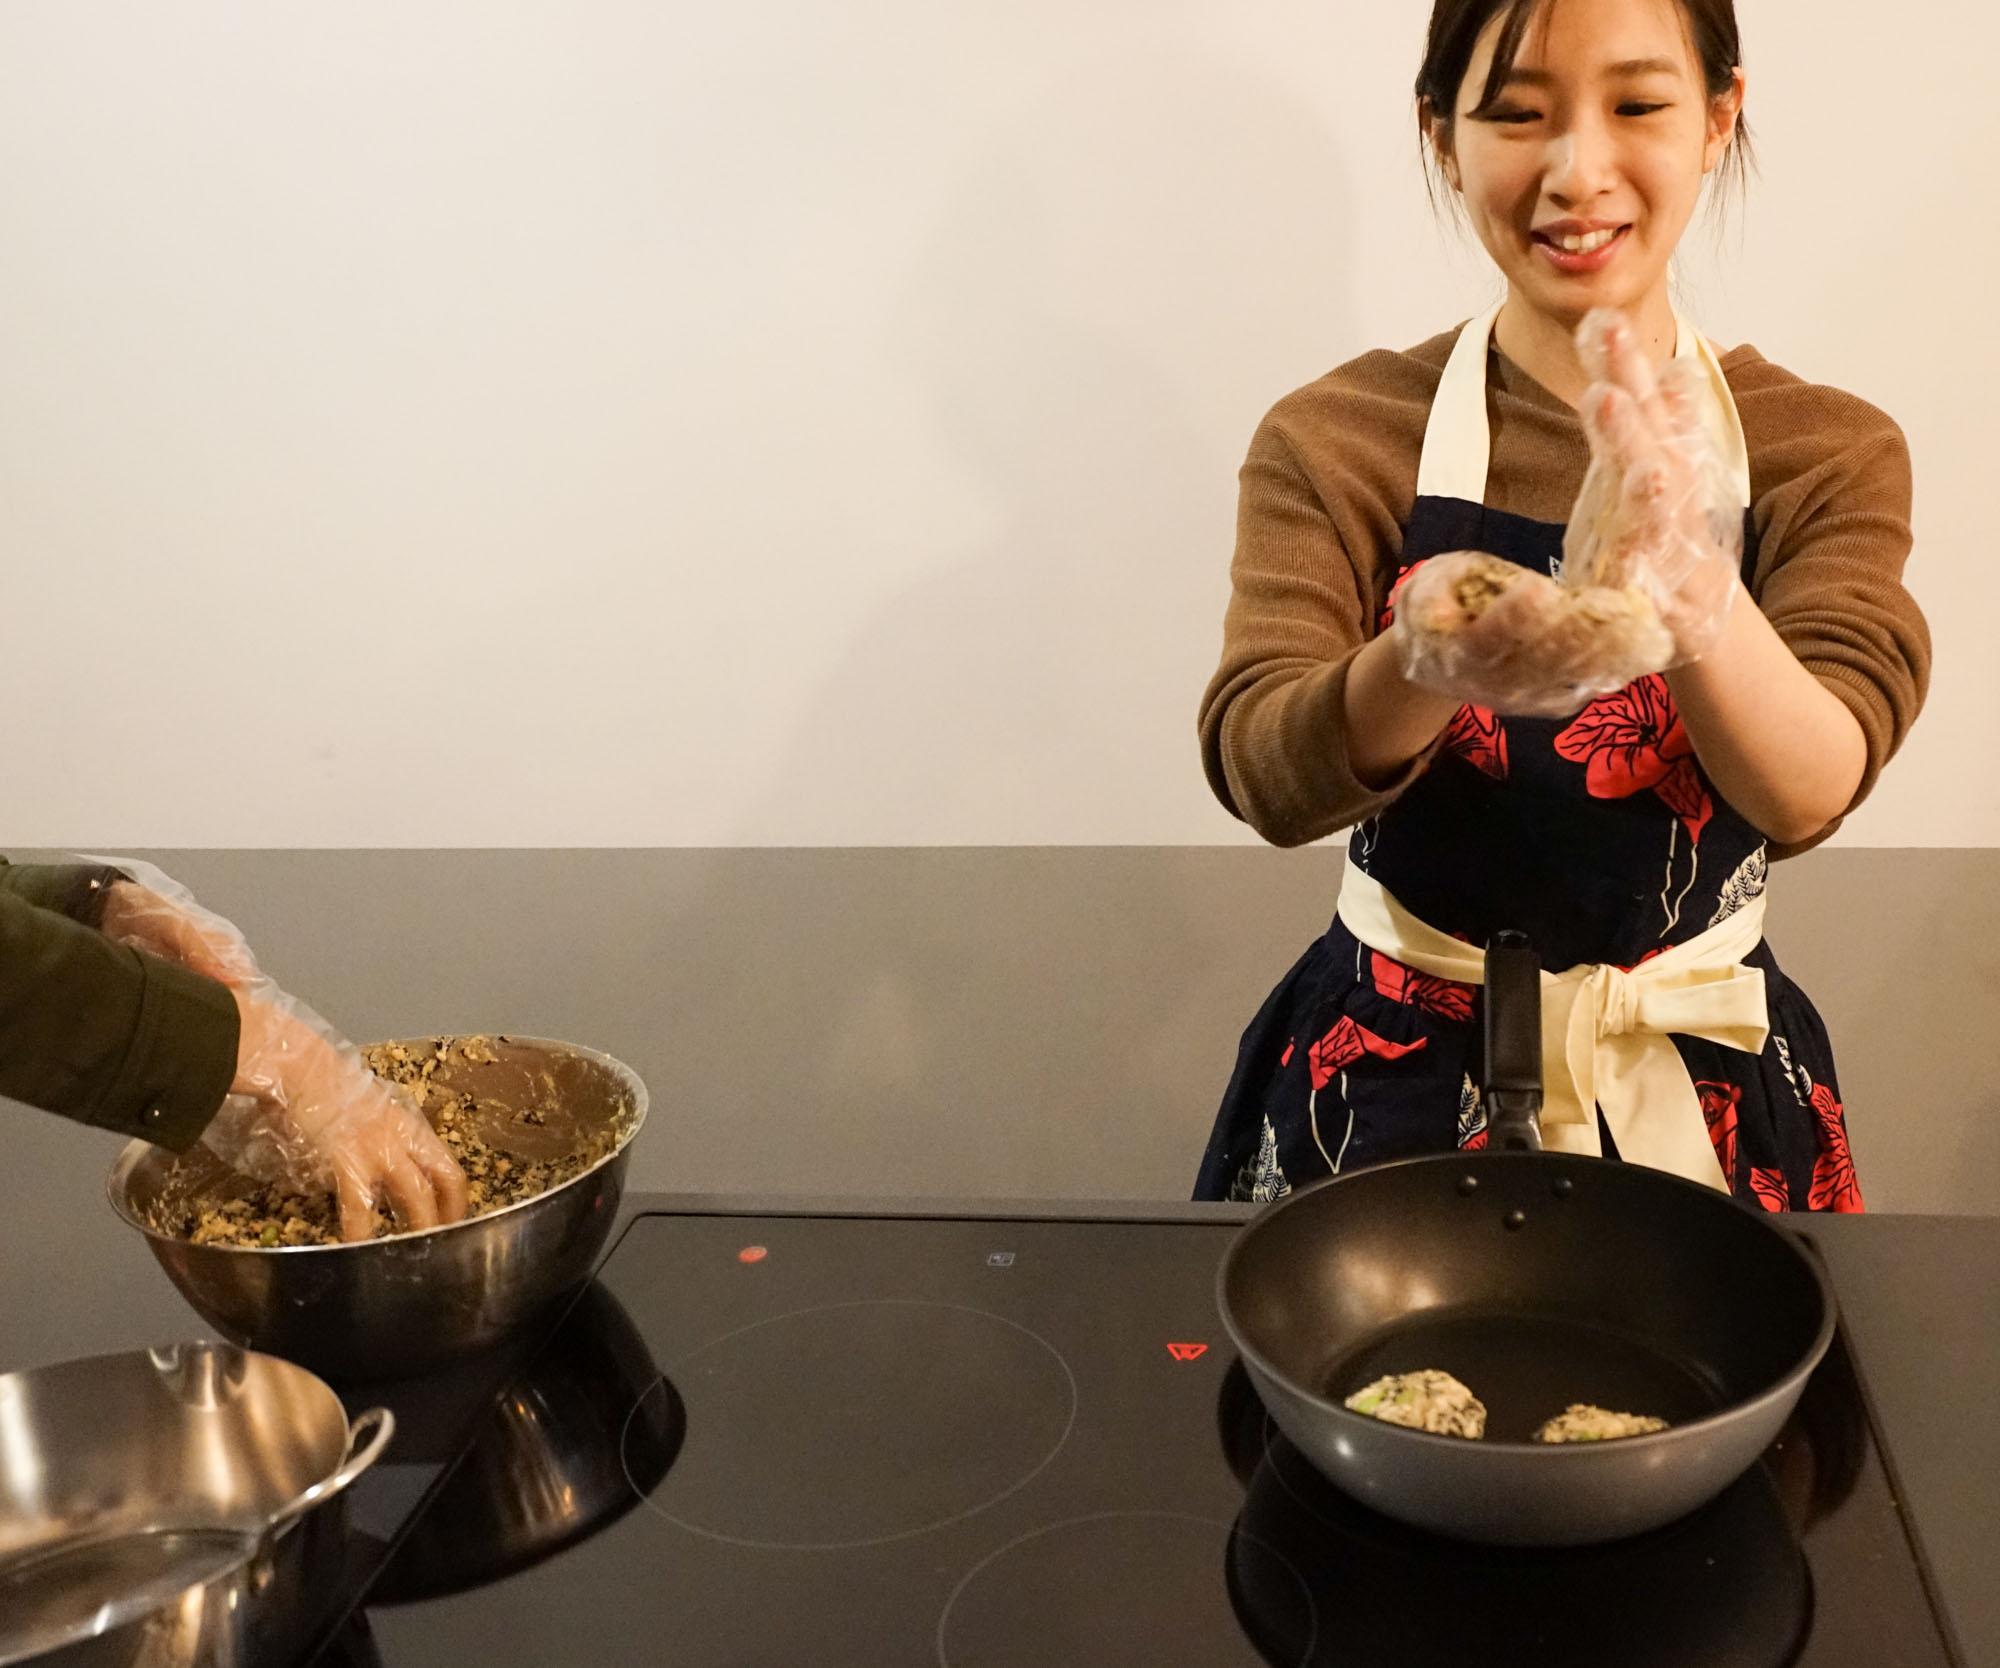 小判形にこねたら、早速フライパンに並べて焼いていきます!テフロン加工のフライパンなら、油はしかなくていいですよ。